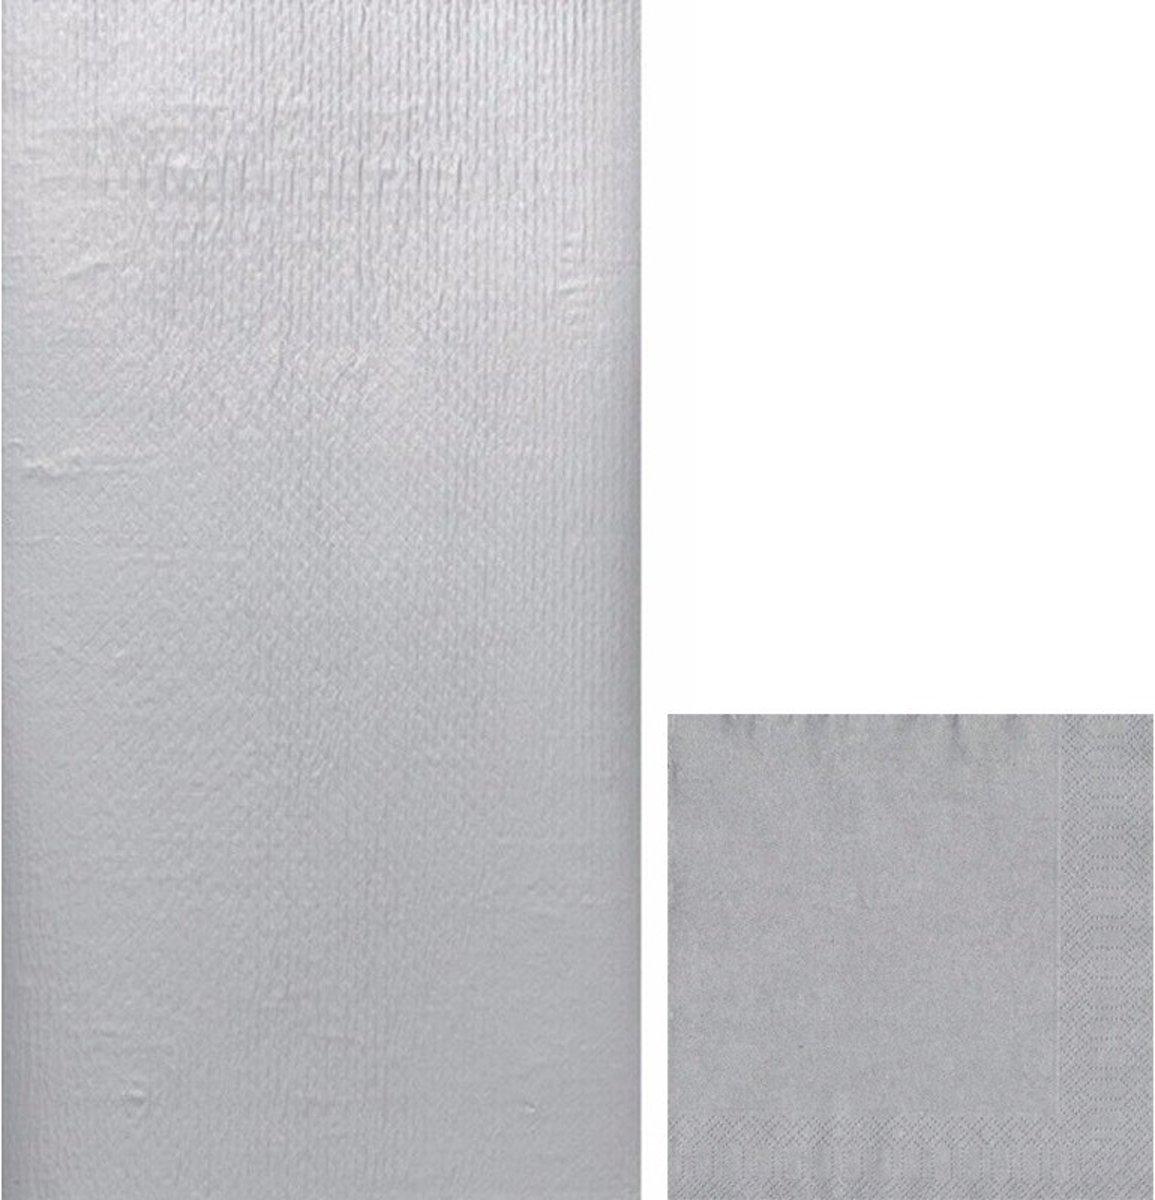 Zilveren tafeldecoratie set tafelkleed/servetten - Thema zilver - Papieren tafeldecoraties/versieringen